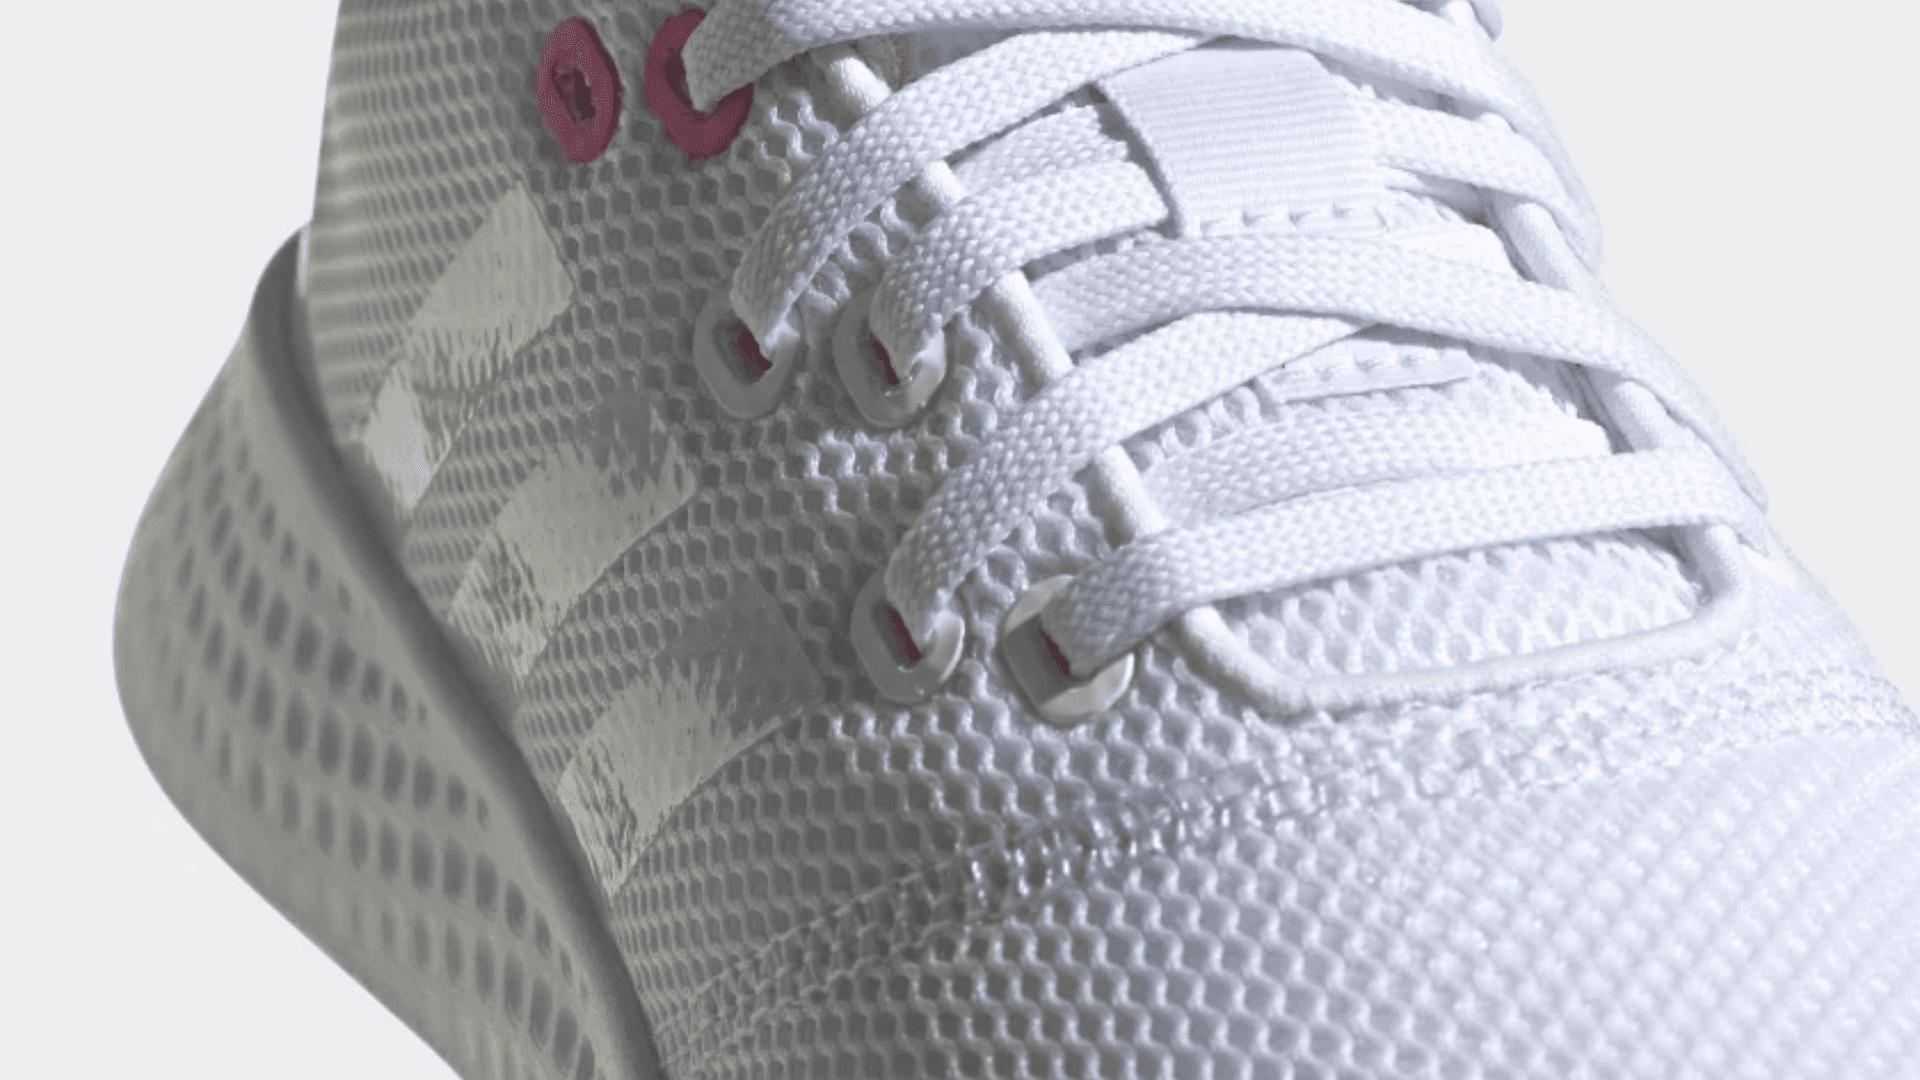 Adidas Puremotion traz tecido super leve no cabedal e no revestimento interno (Imagem: Divulgação/Adidas)